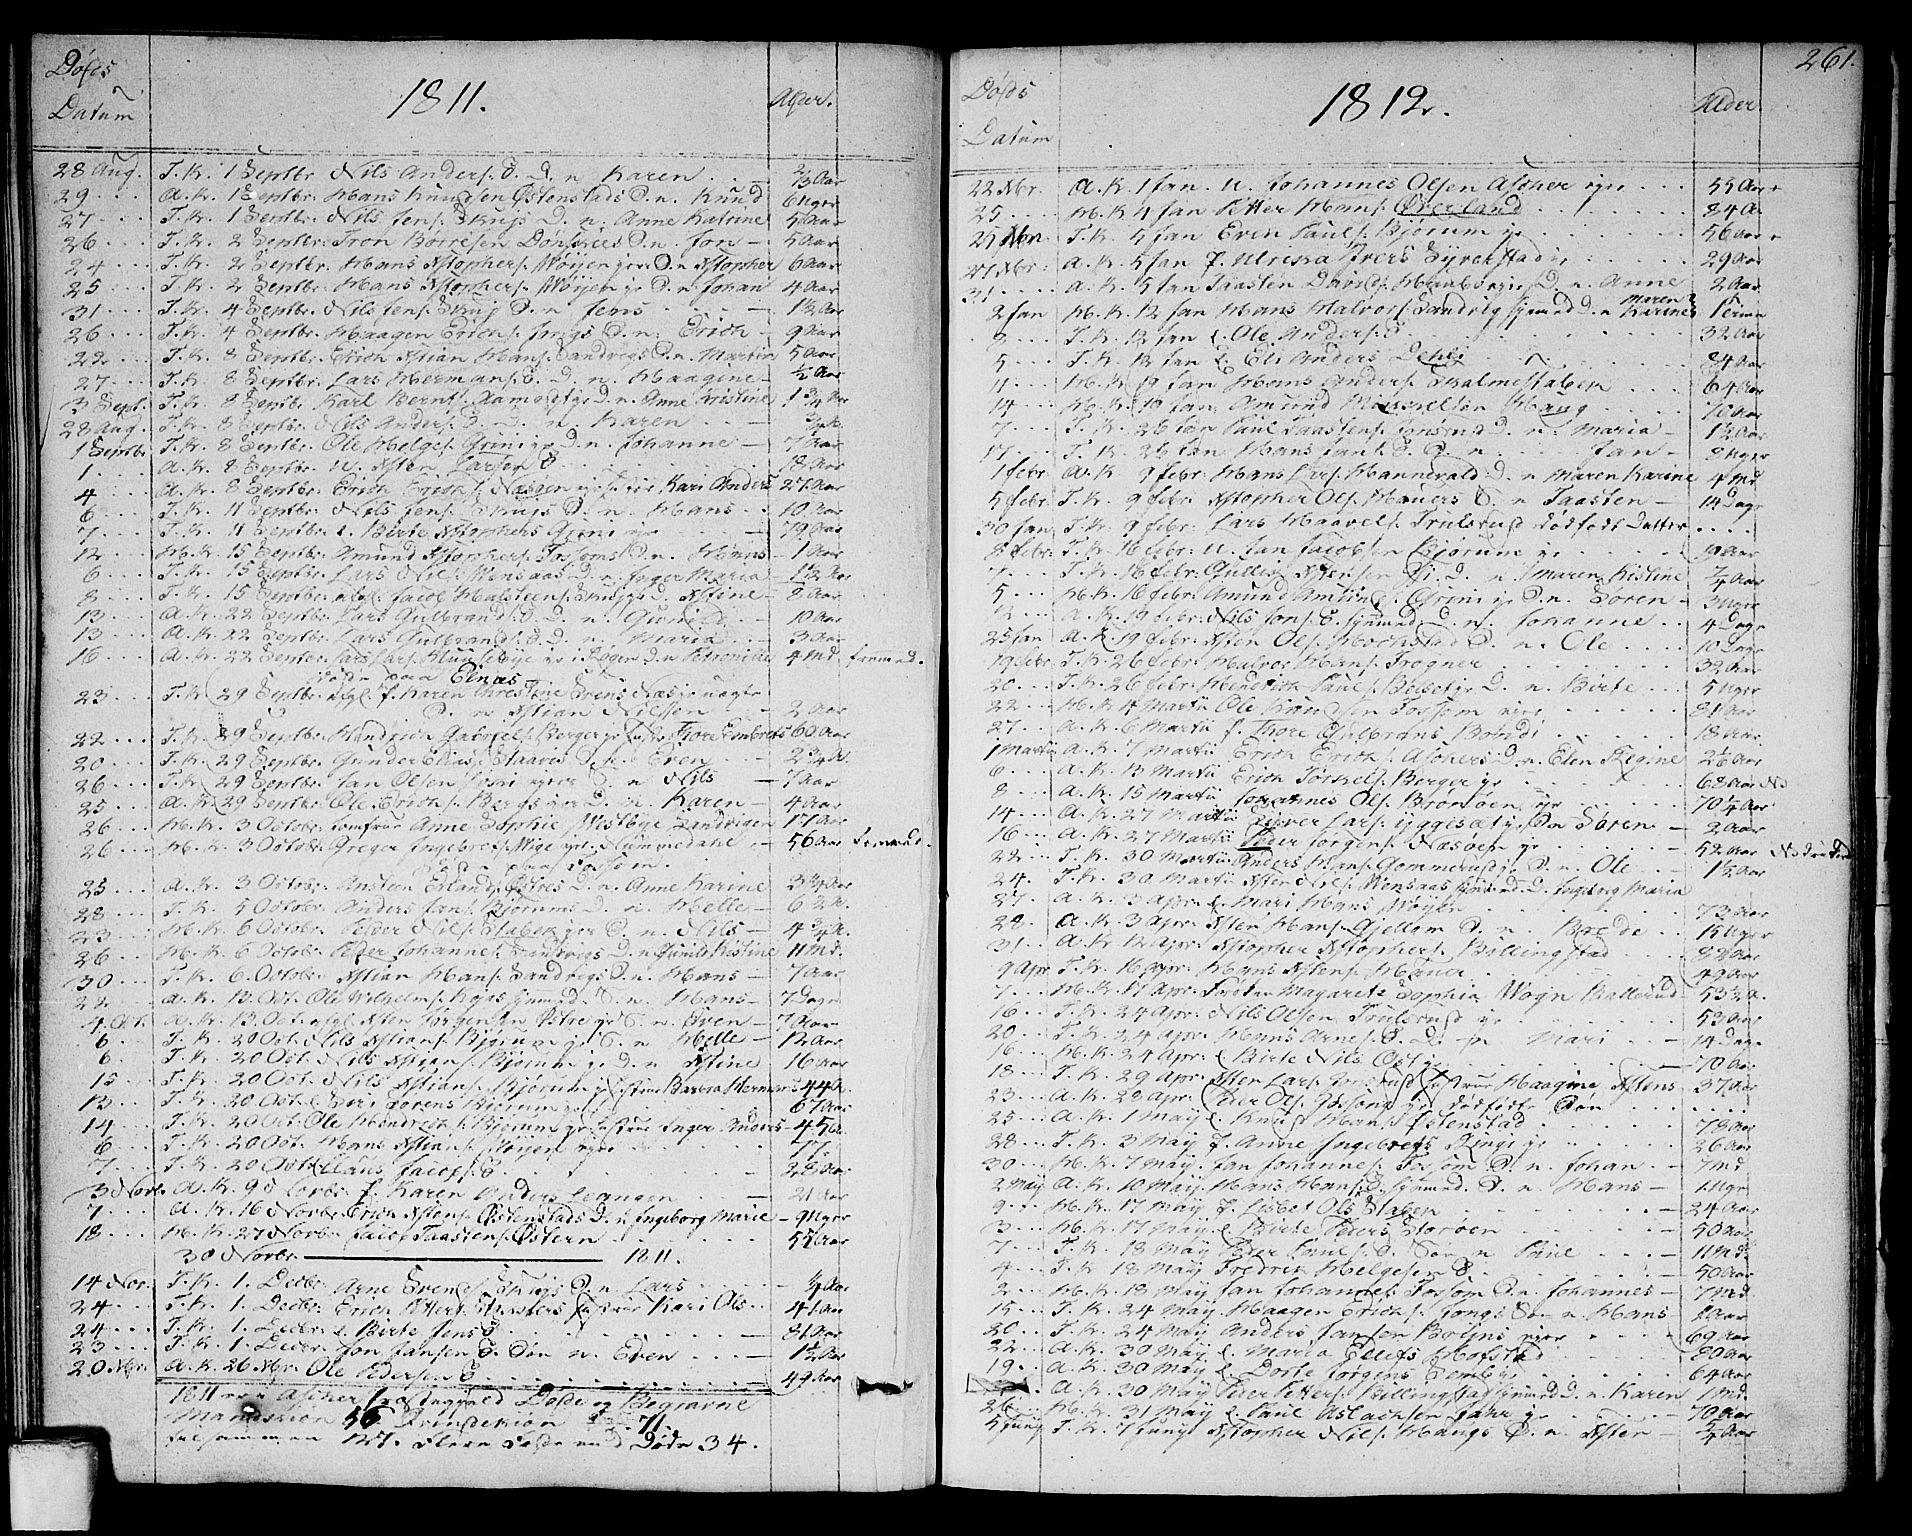 SAO, Asker prestekontor Kirkebøker, F/Fa/L0005: Ministerialbok nr. I 5, 1807-1813, s. 261